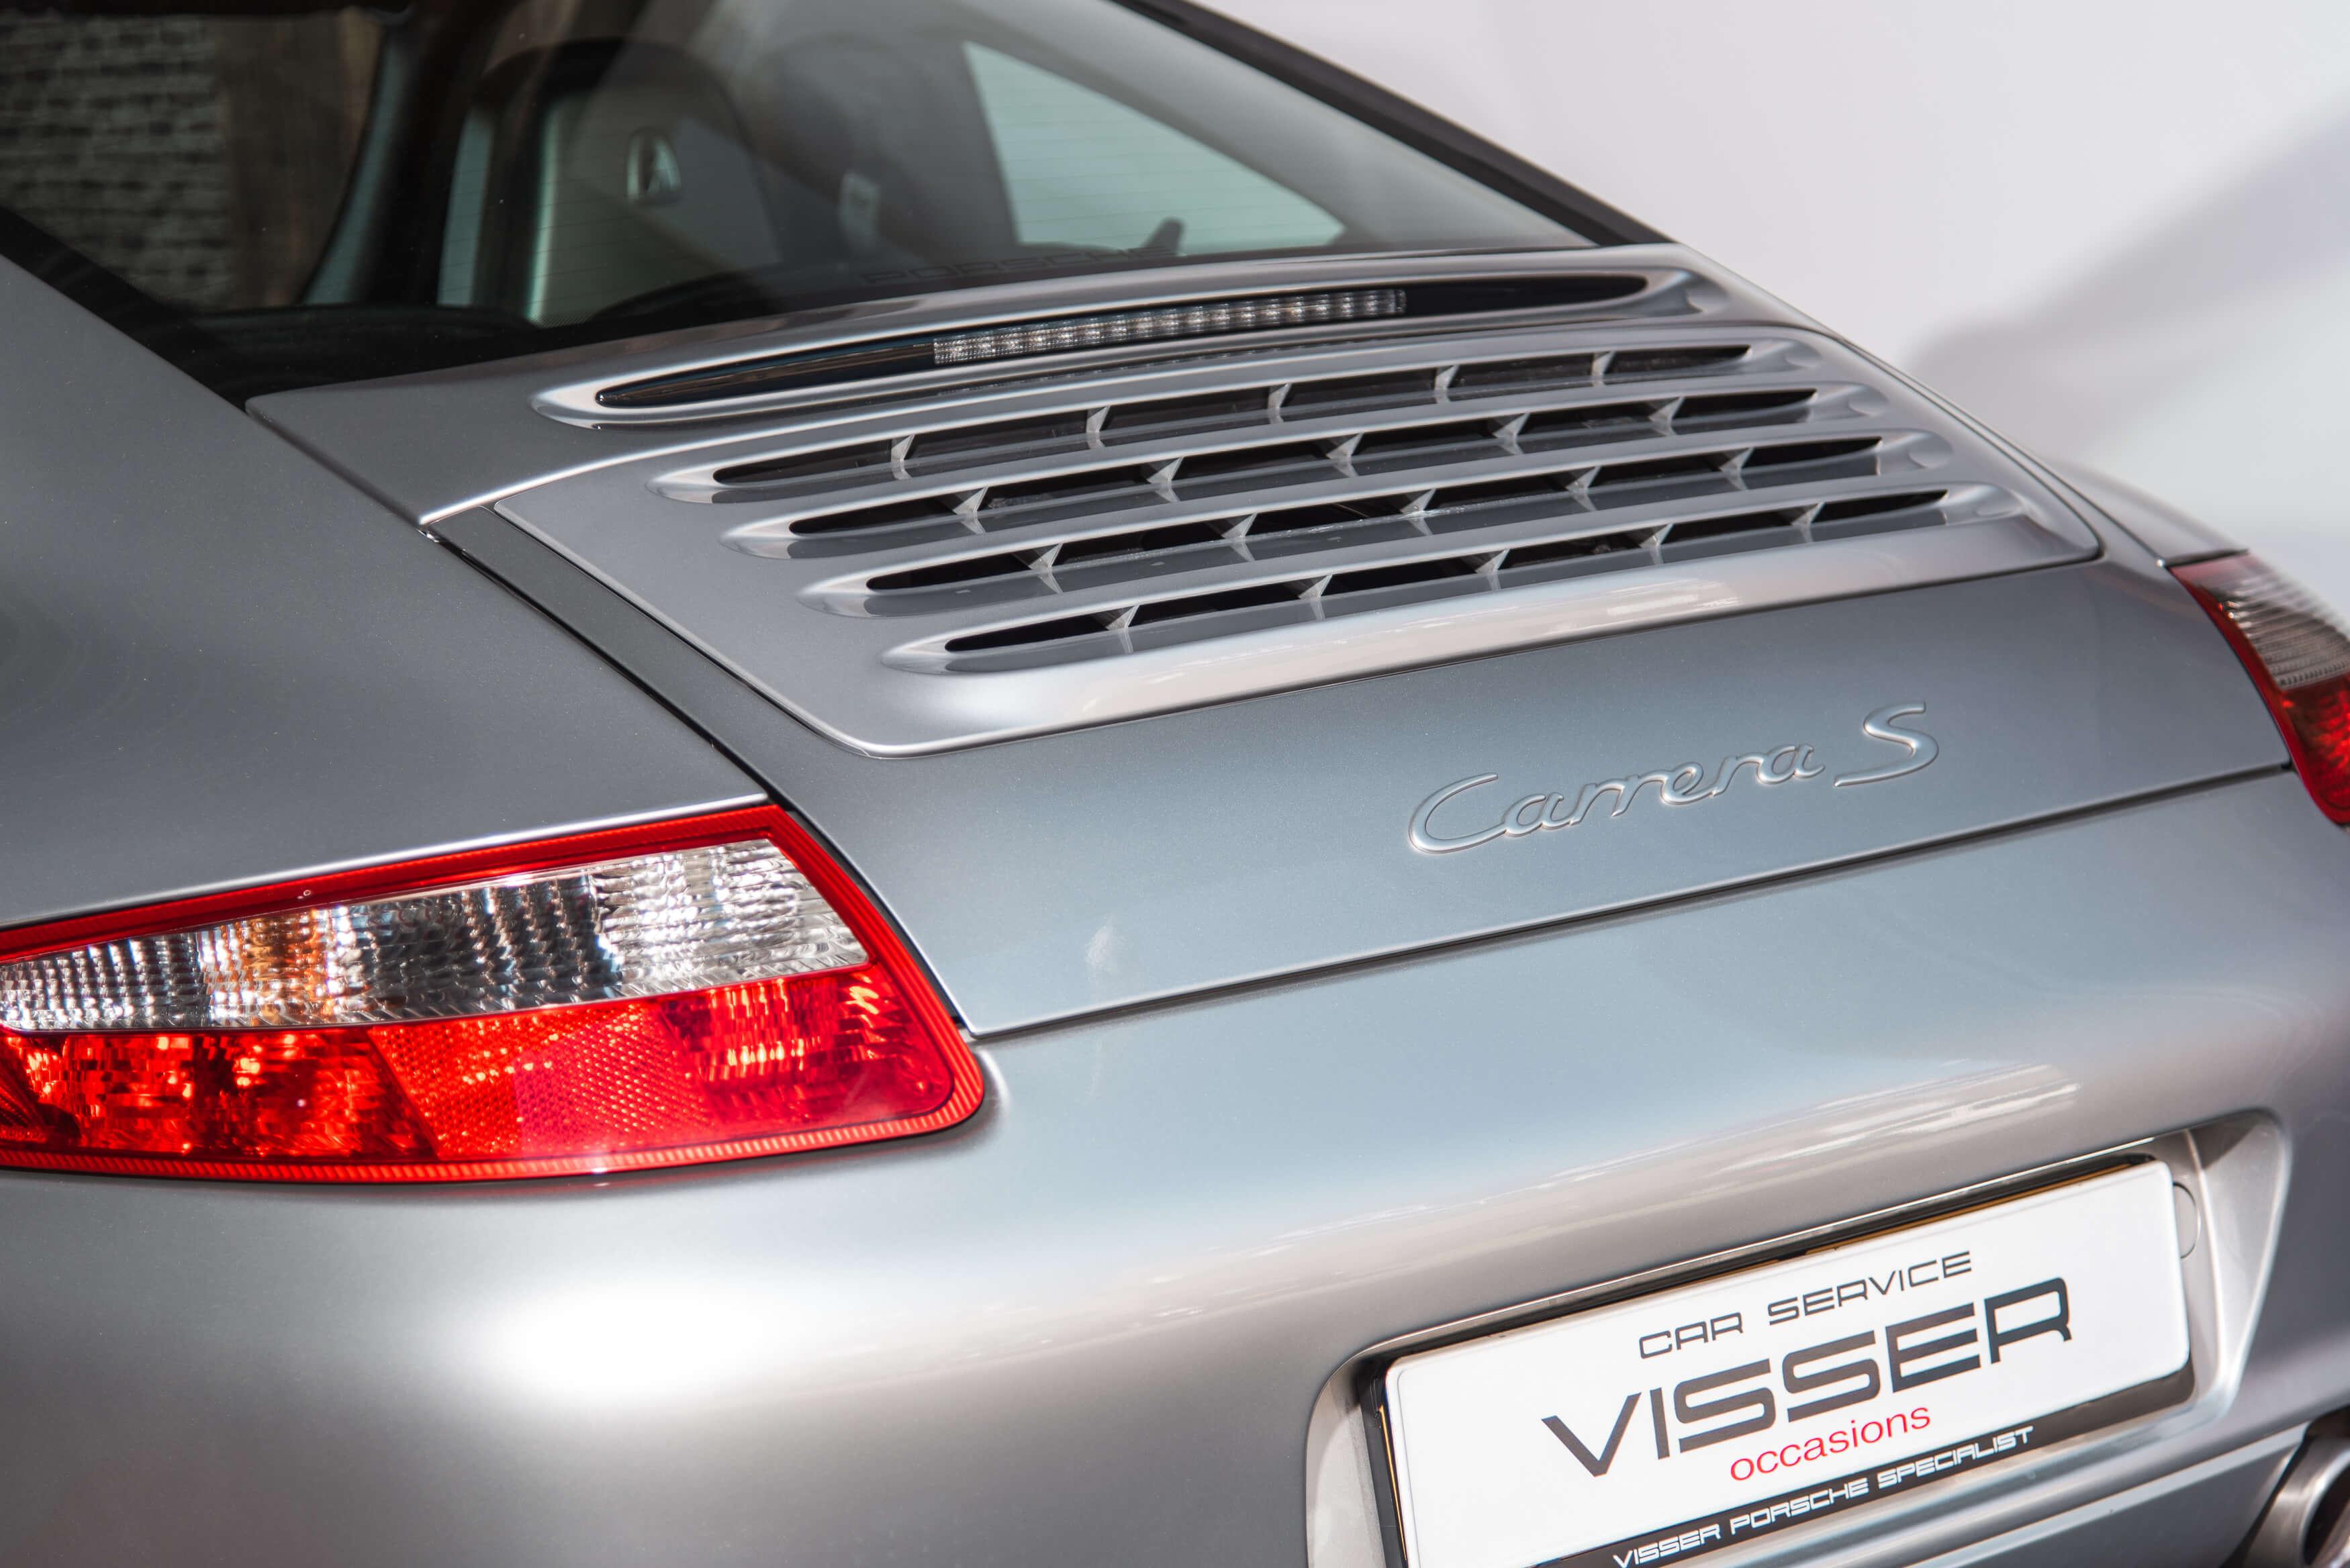 Porsche 997 Carrera S handgeschakeld Car Service Visser gespecialiseerd in Porsche - 13